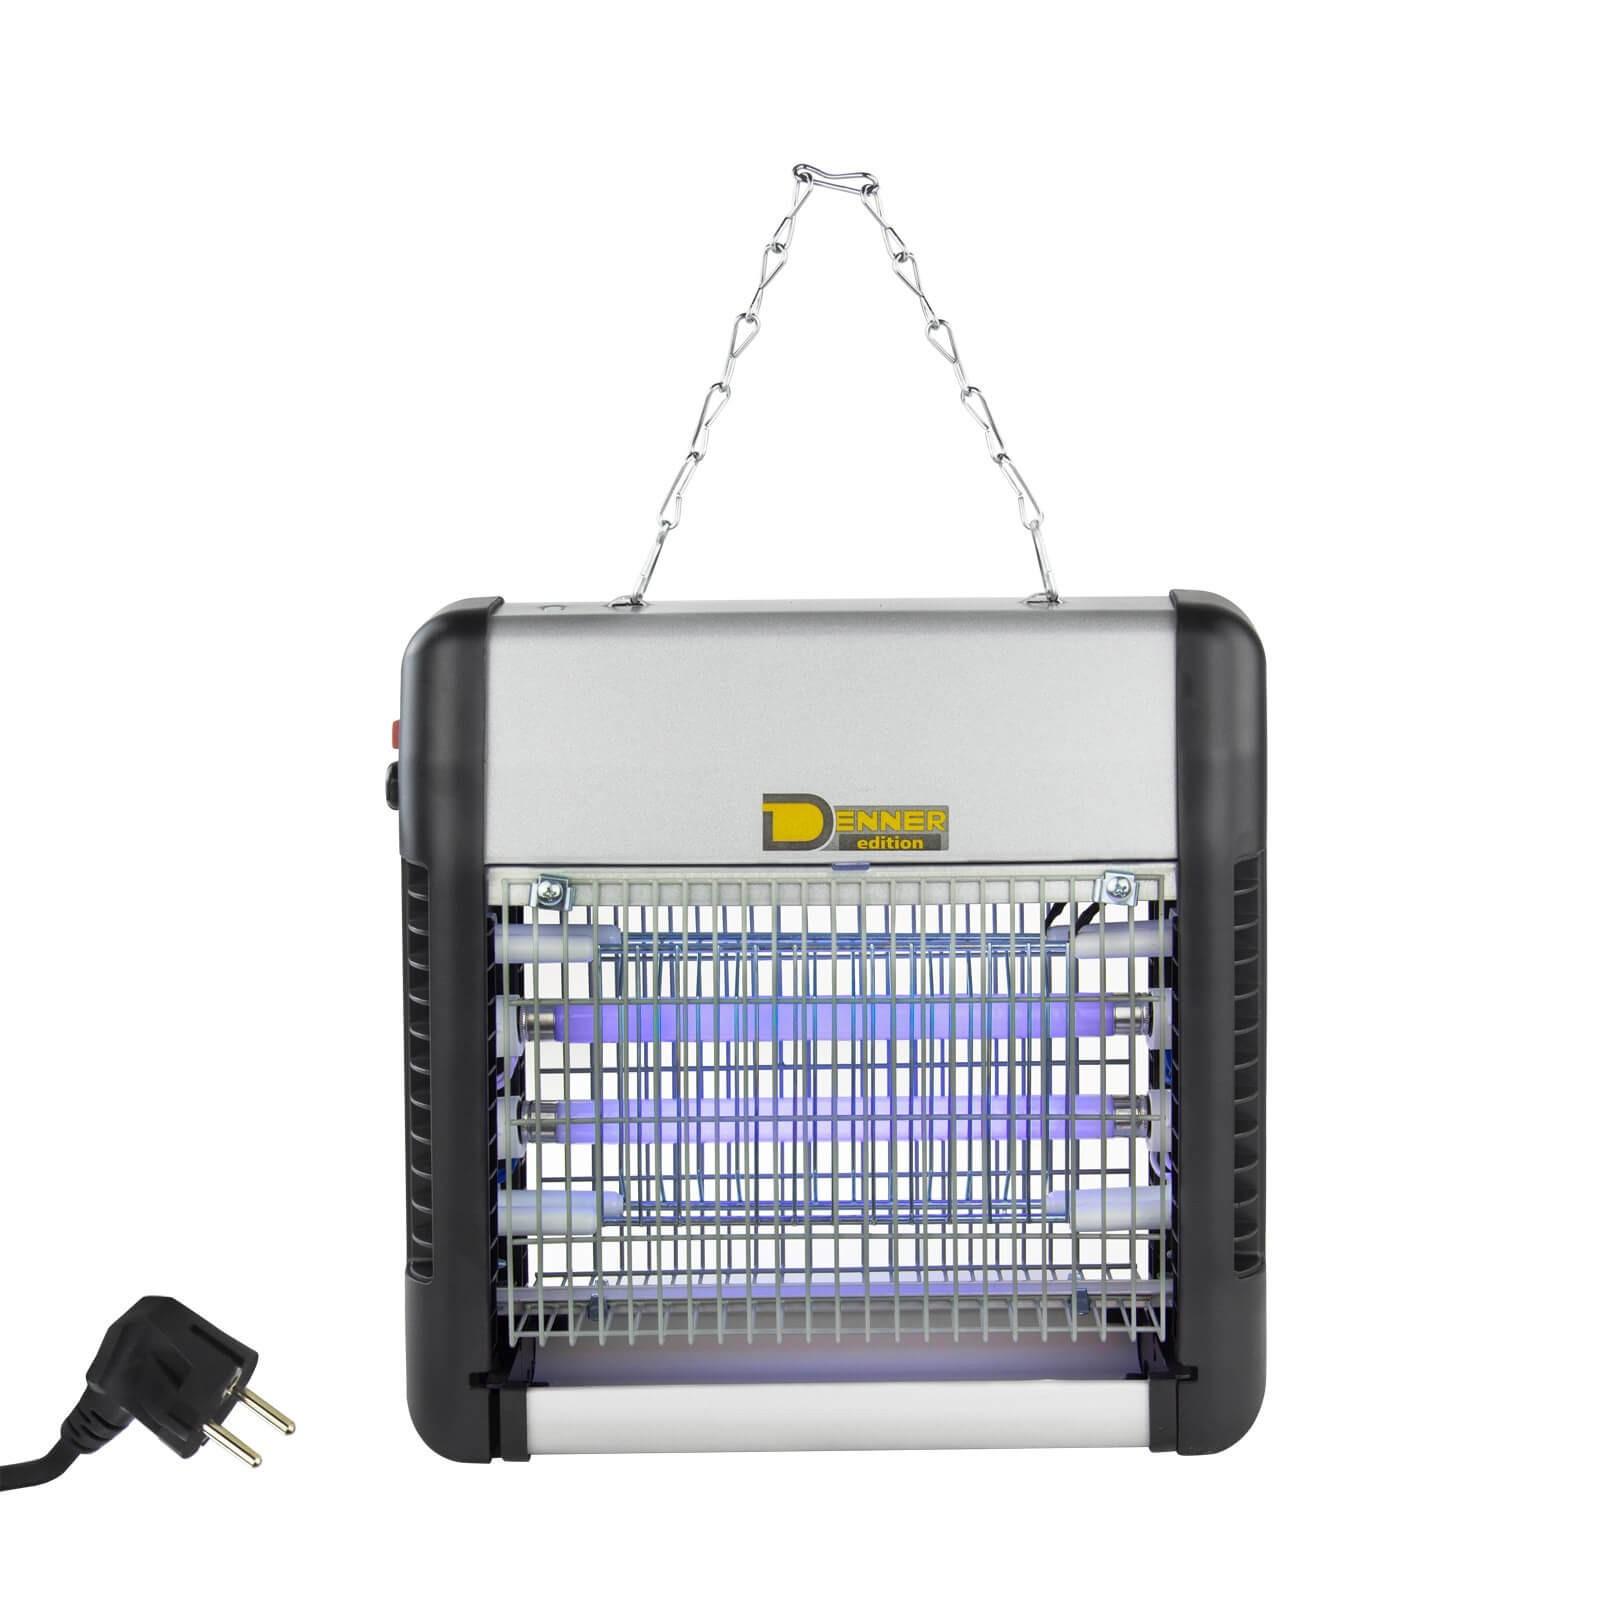 denner-edition Elektro UV Licht Insektenvernichter Insektenlampe Insektenfalle Fliegenfalle var-insekt